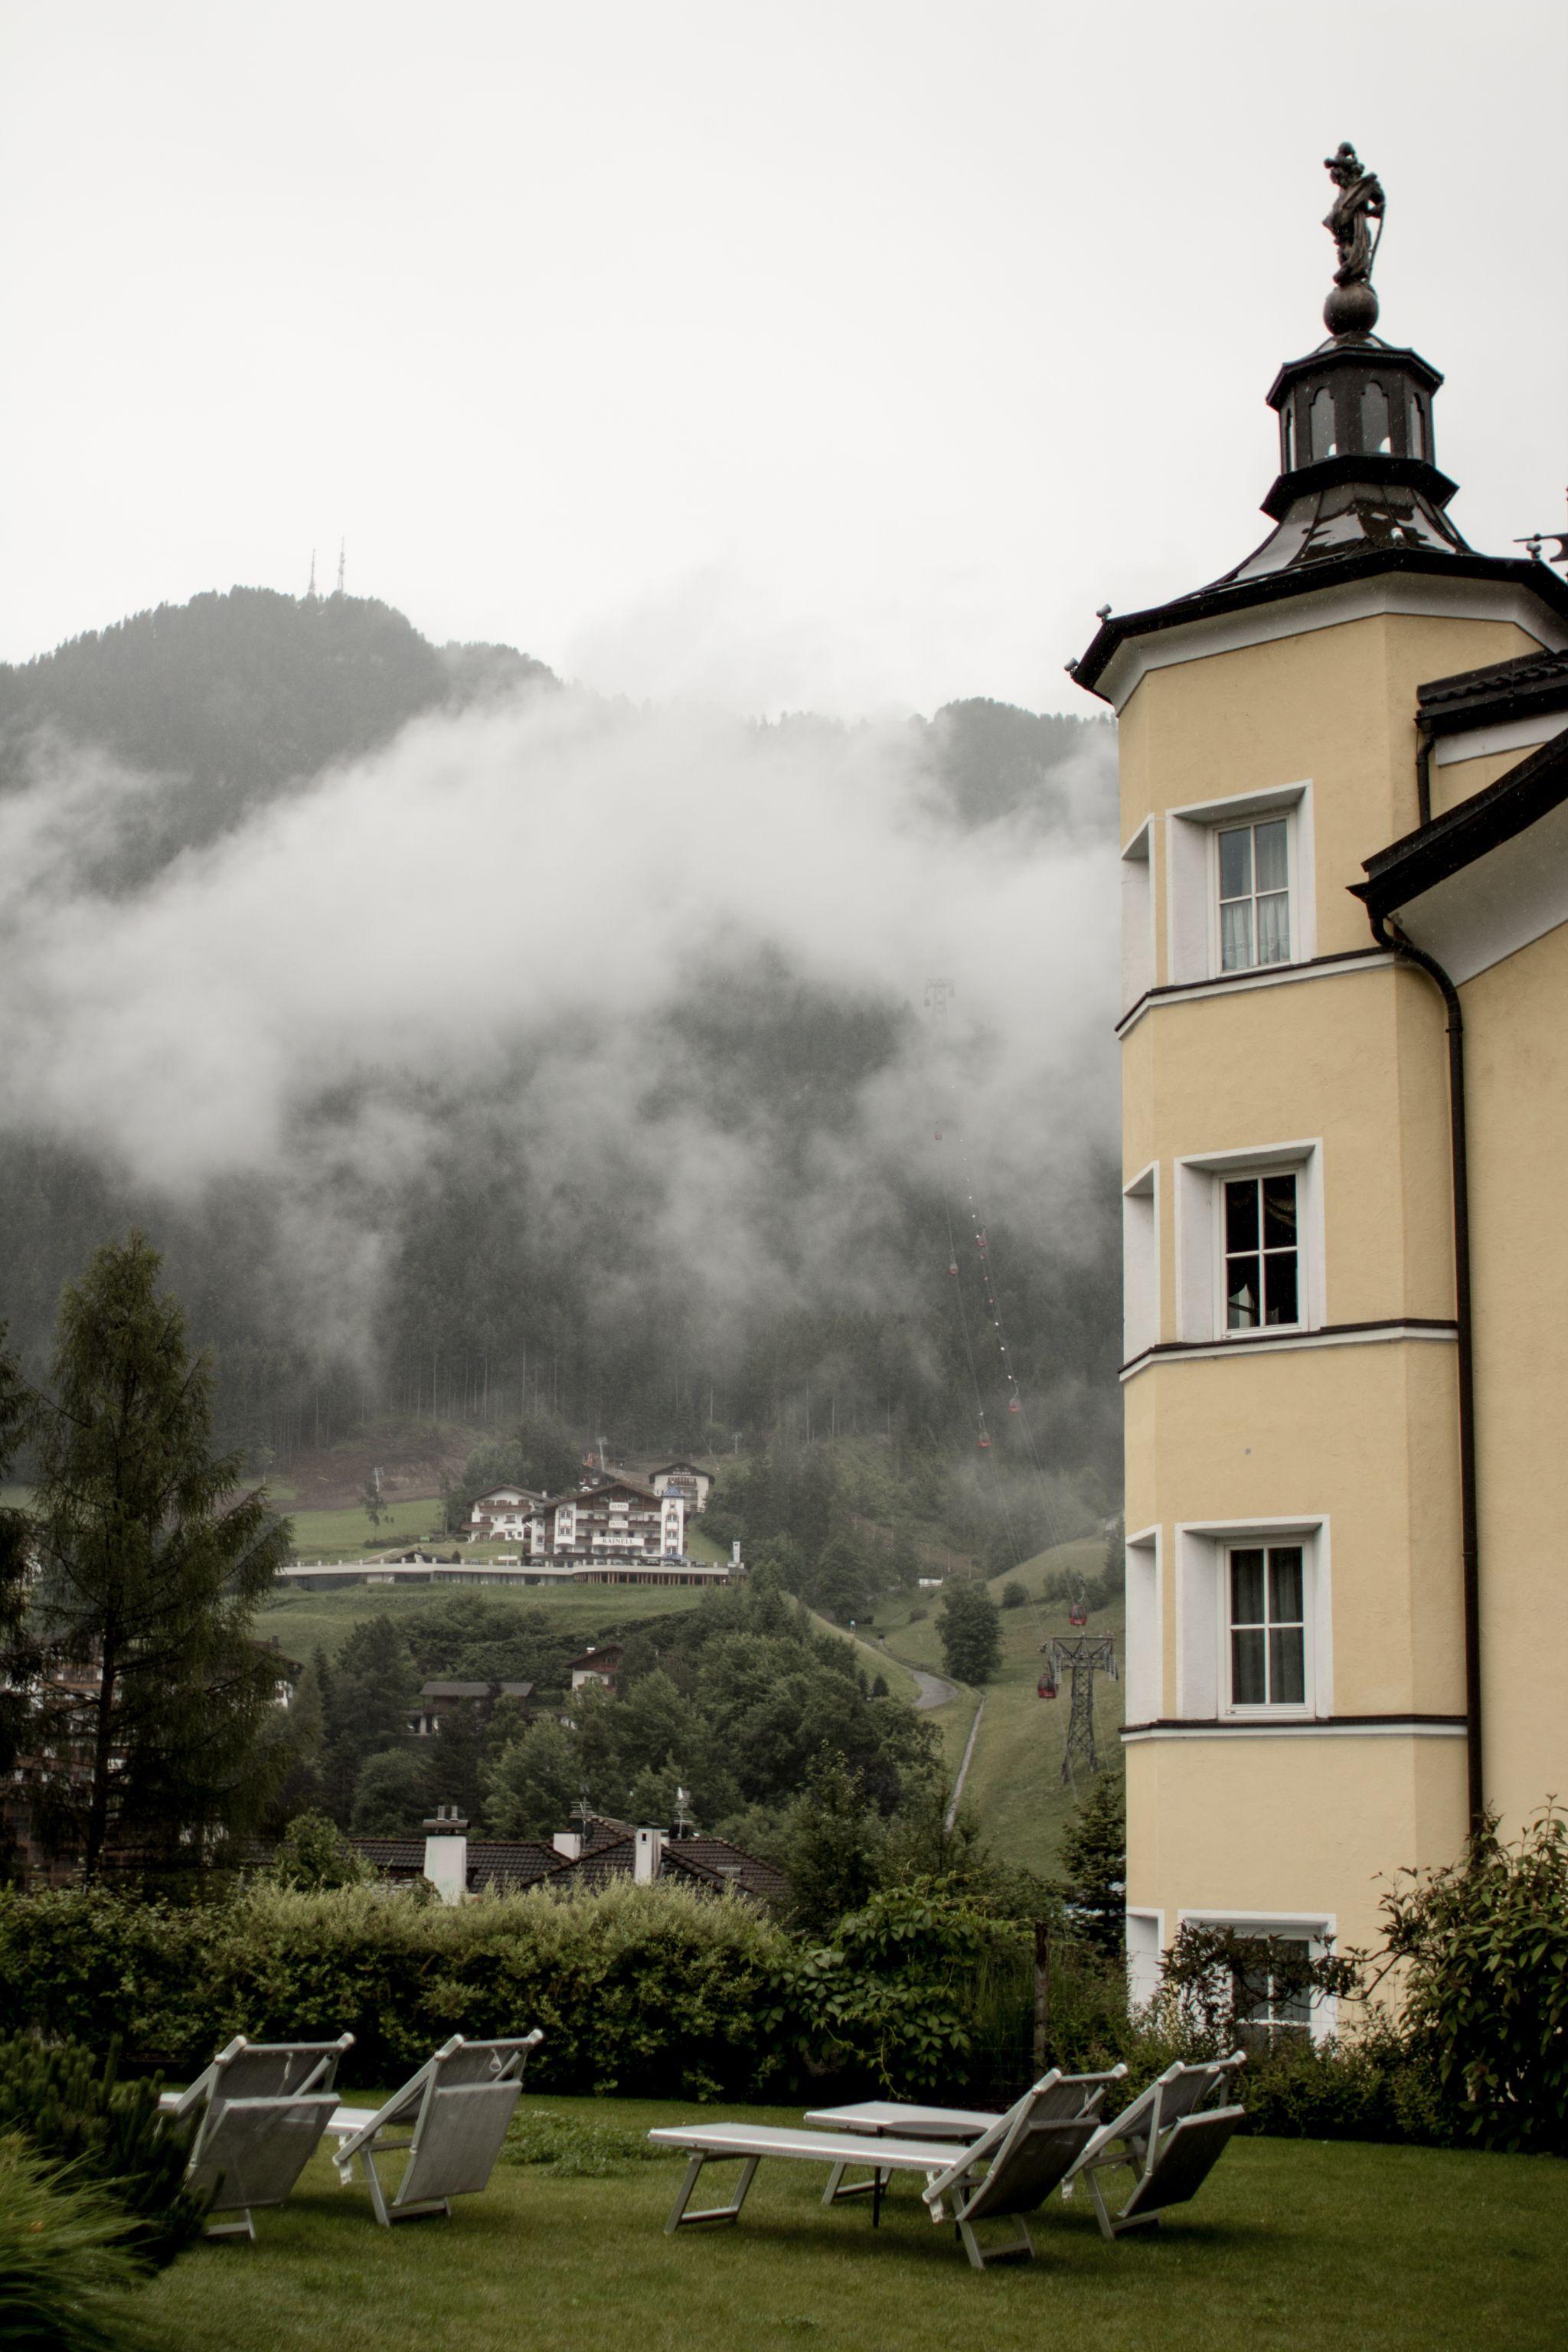 Adler Dolomites Hotel Ortisei Italy Hotel Review Exterior Shot